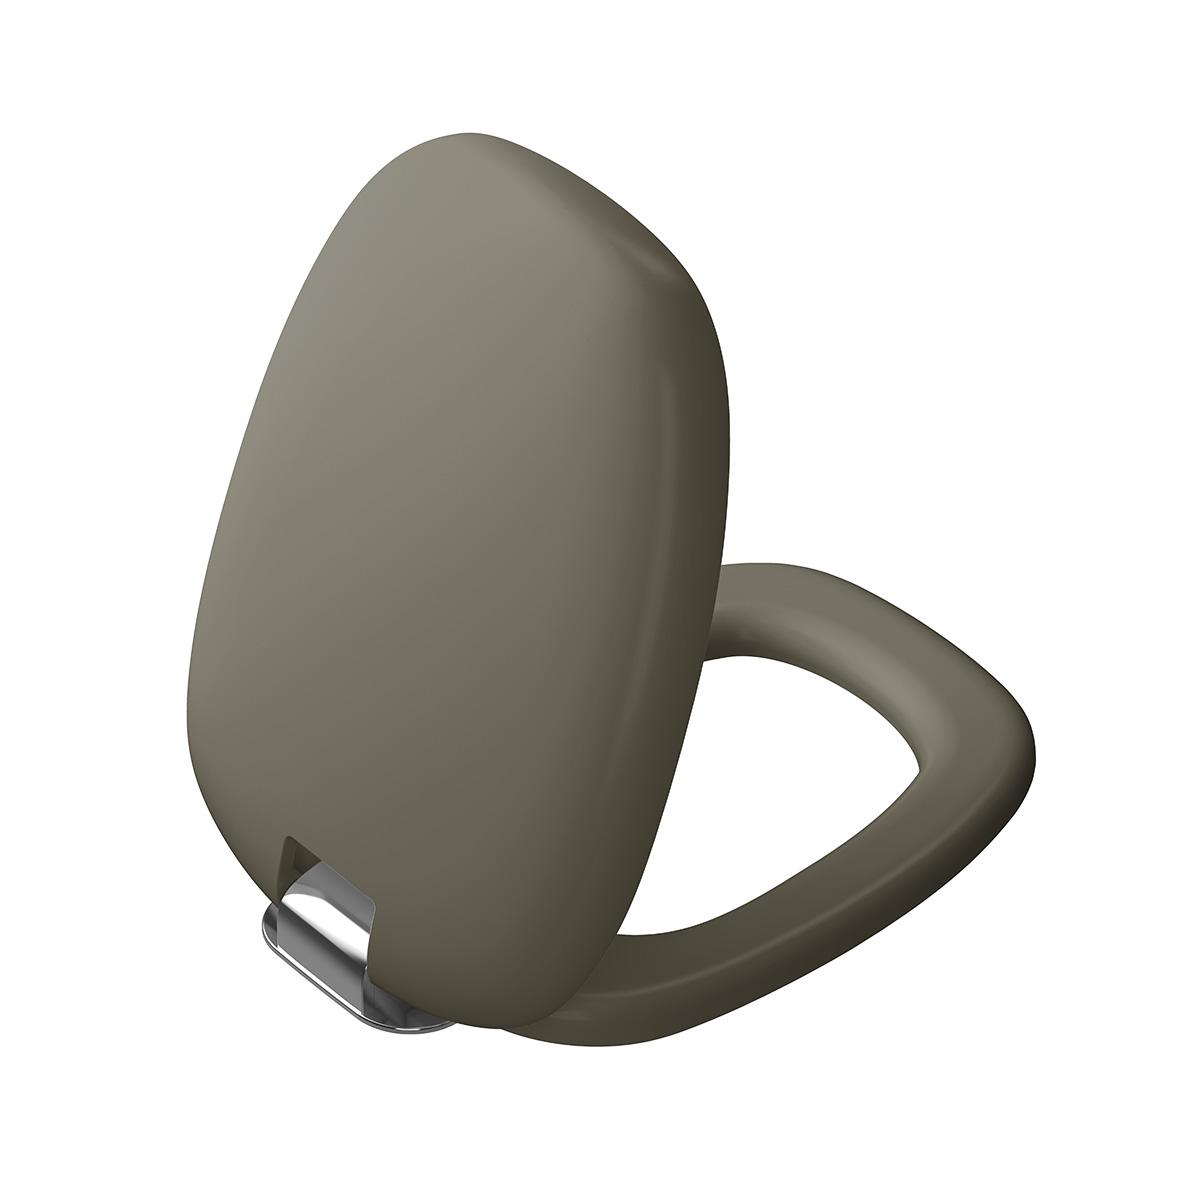 Plural WC-Sitz mit Absenkautomatik, Nerz Matt/Chrom